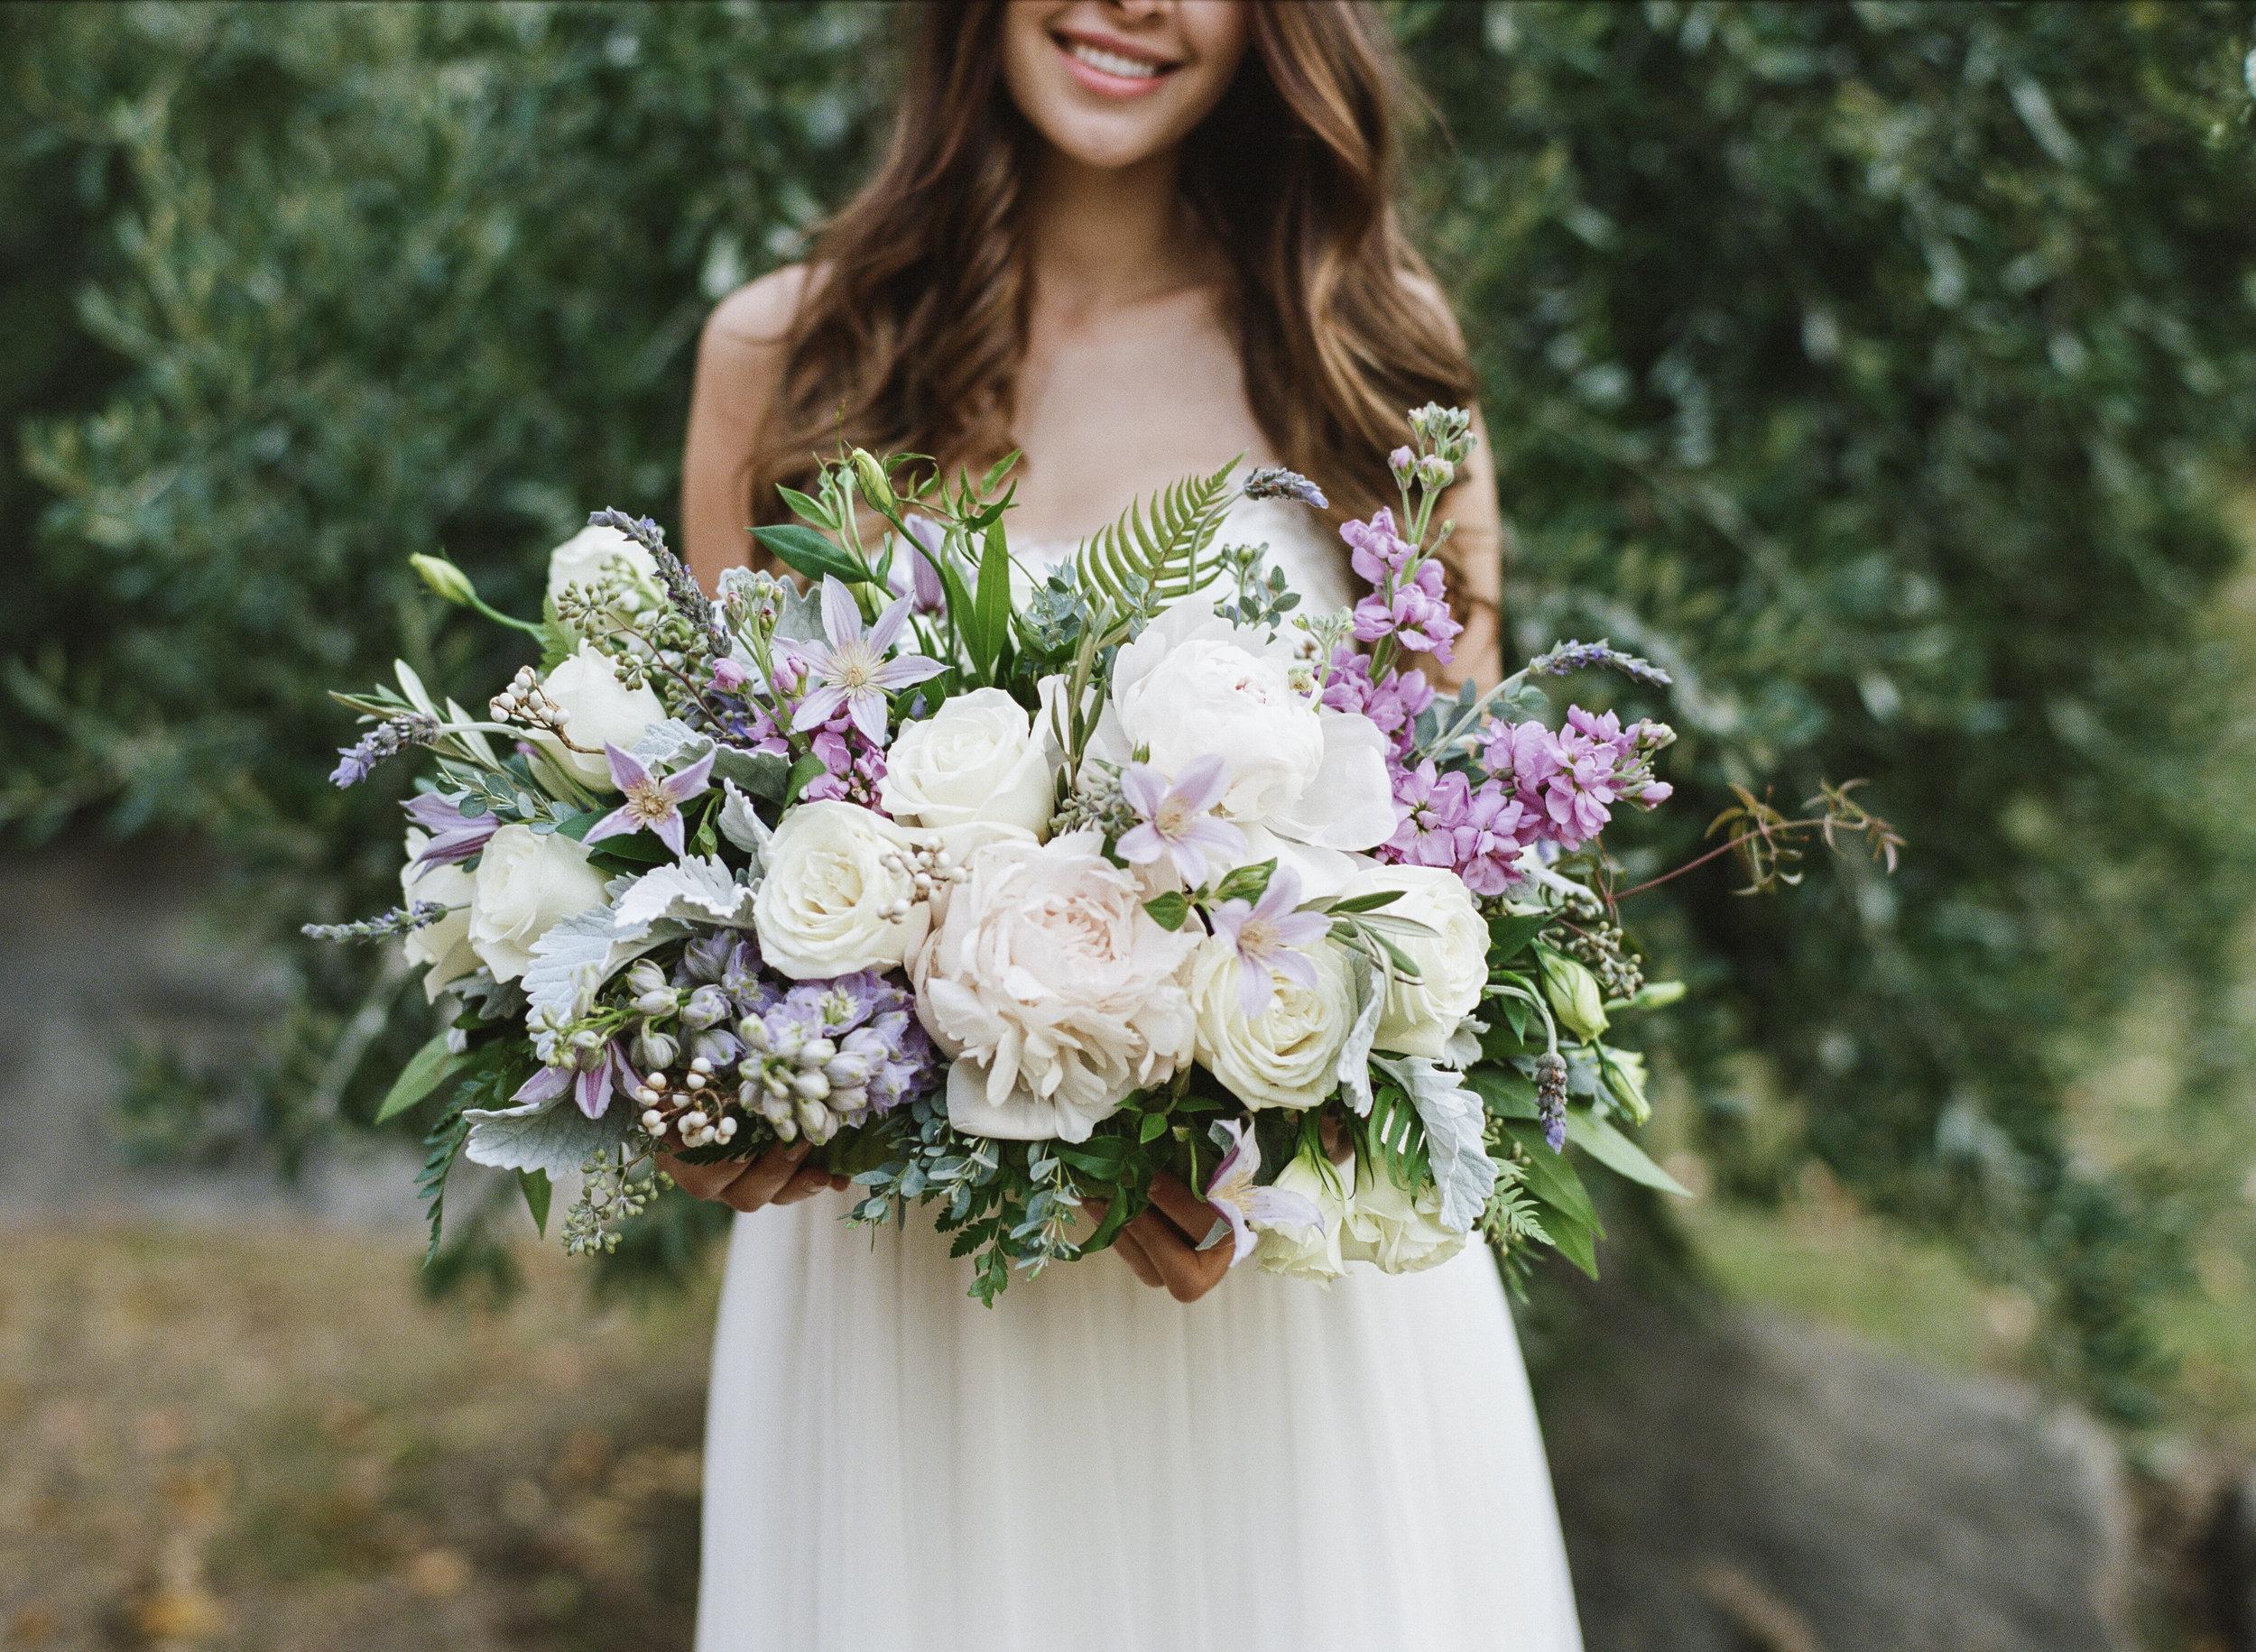 Violette-fleurs-roseville-sacramento-california-Flower-farm-inn-wedding-florist-spring-bride-holding-flowers-blush-lavender.jpg